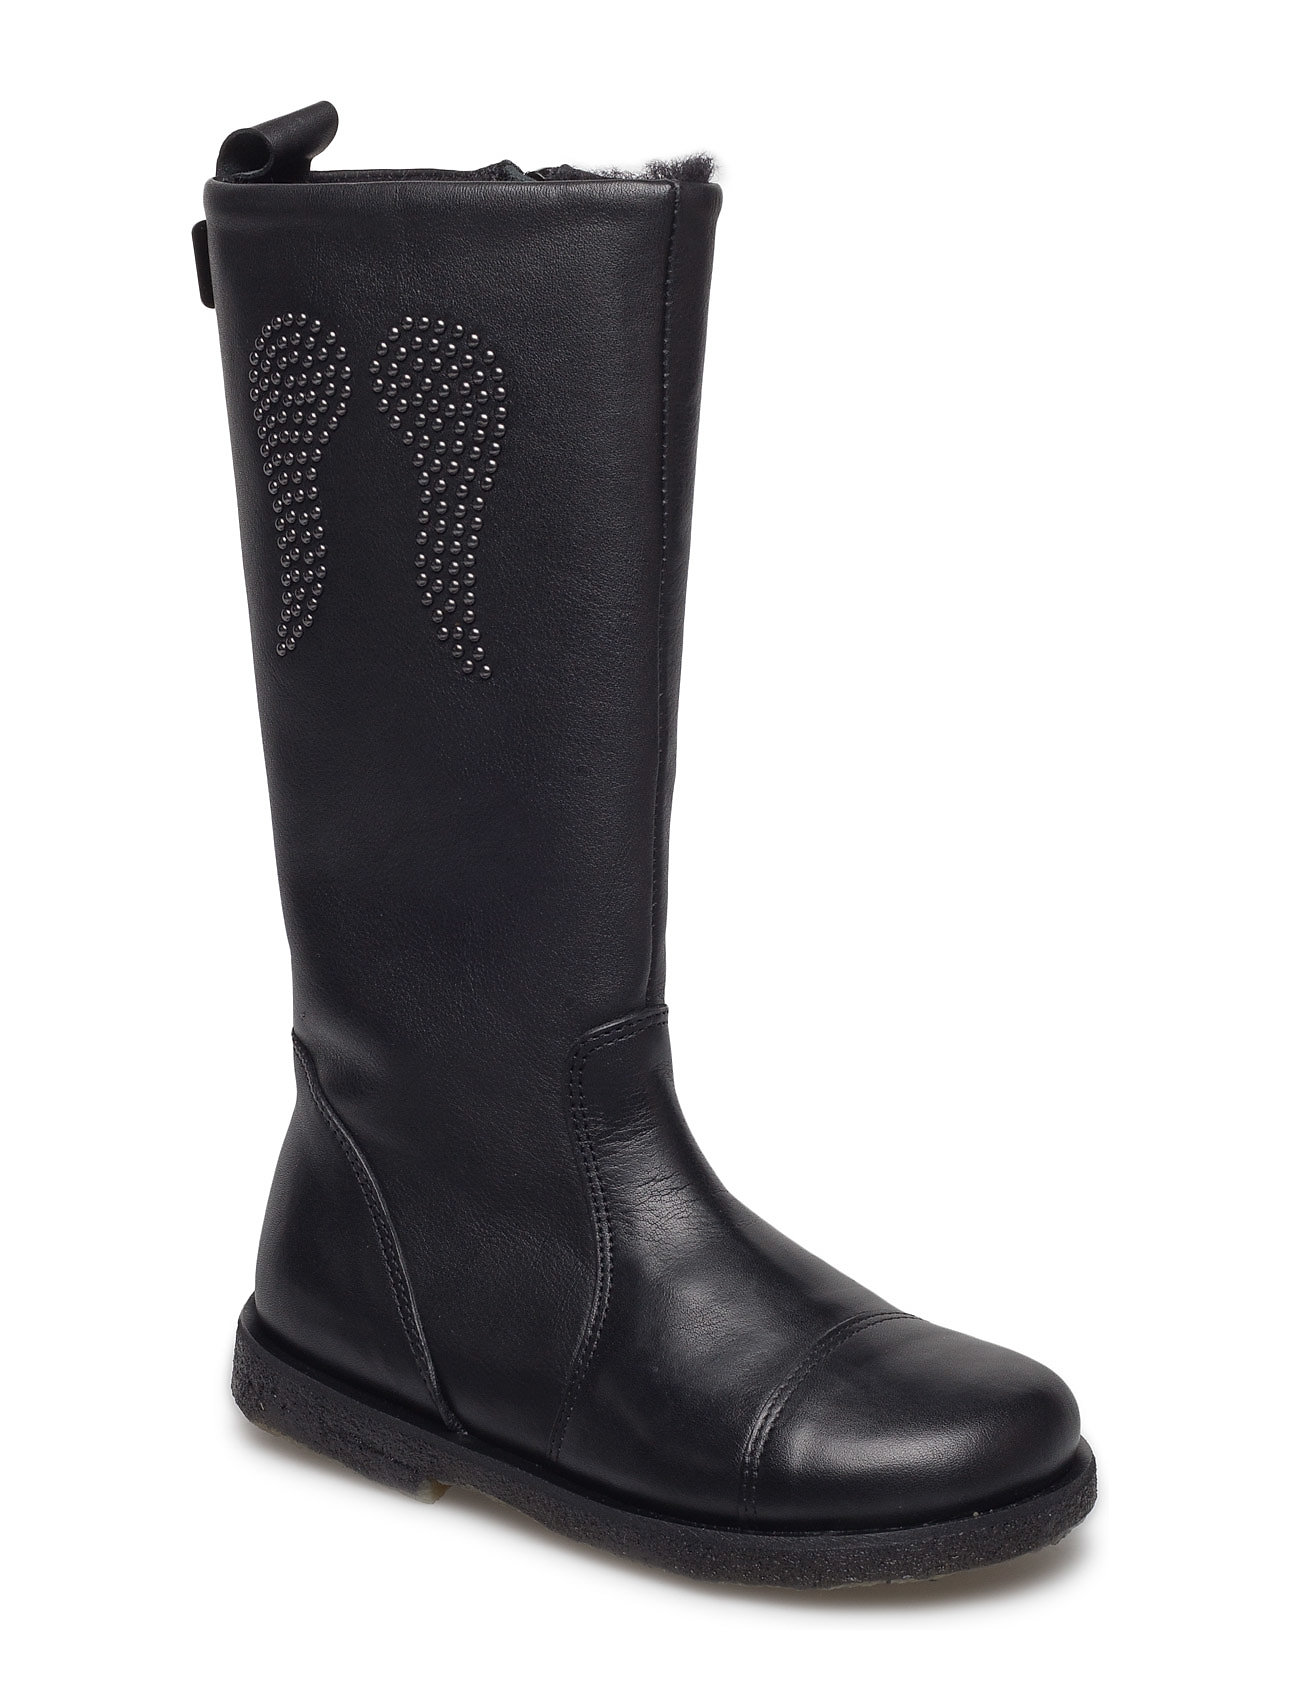 Leather Boot Tex Petit by Sofie Schnoor Støvler til Børn i Sort